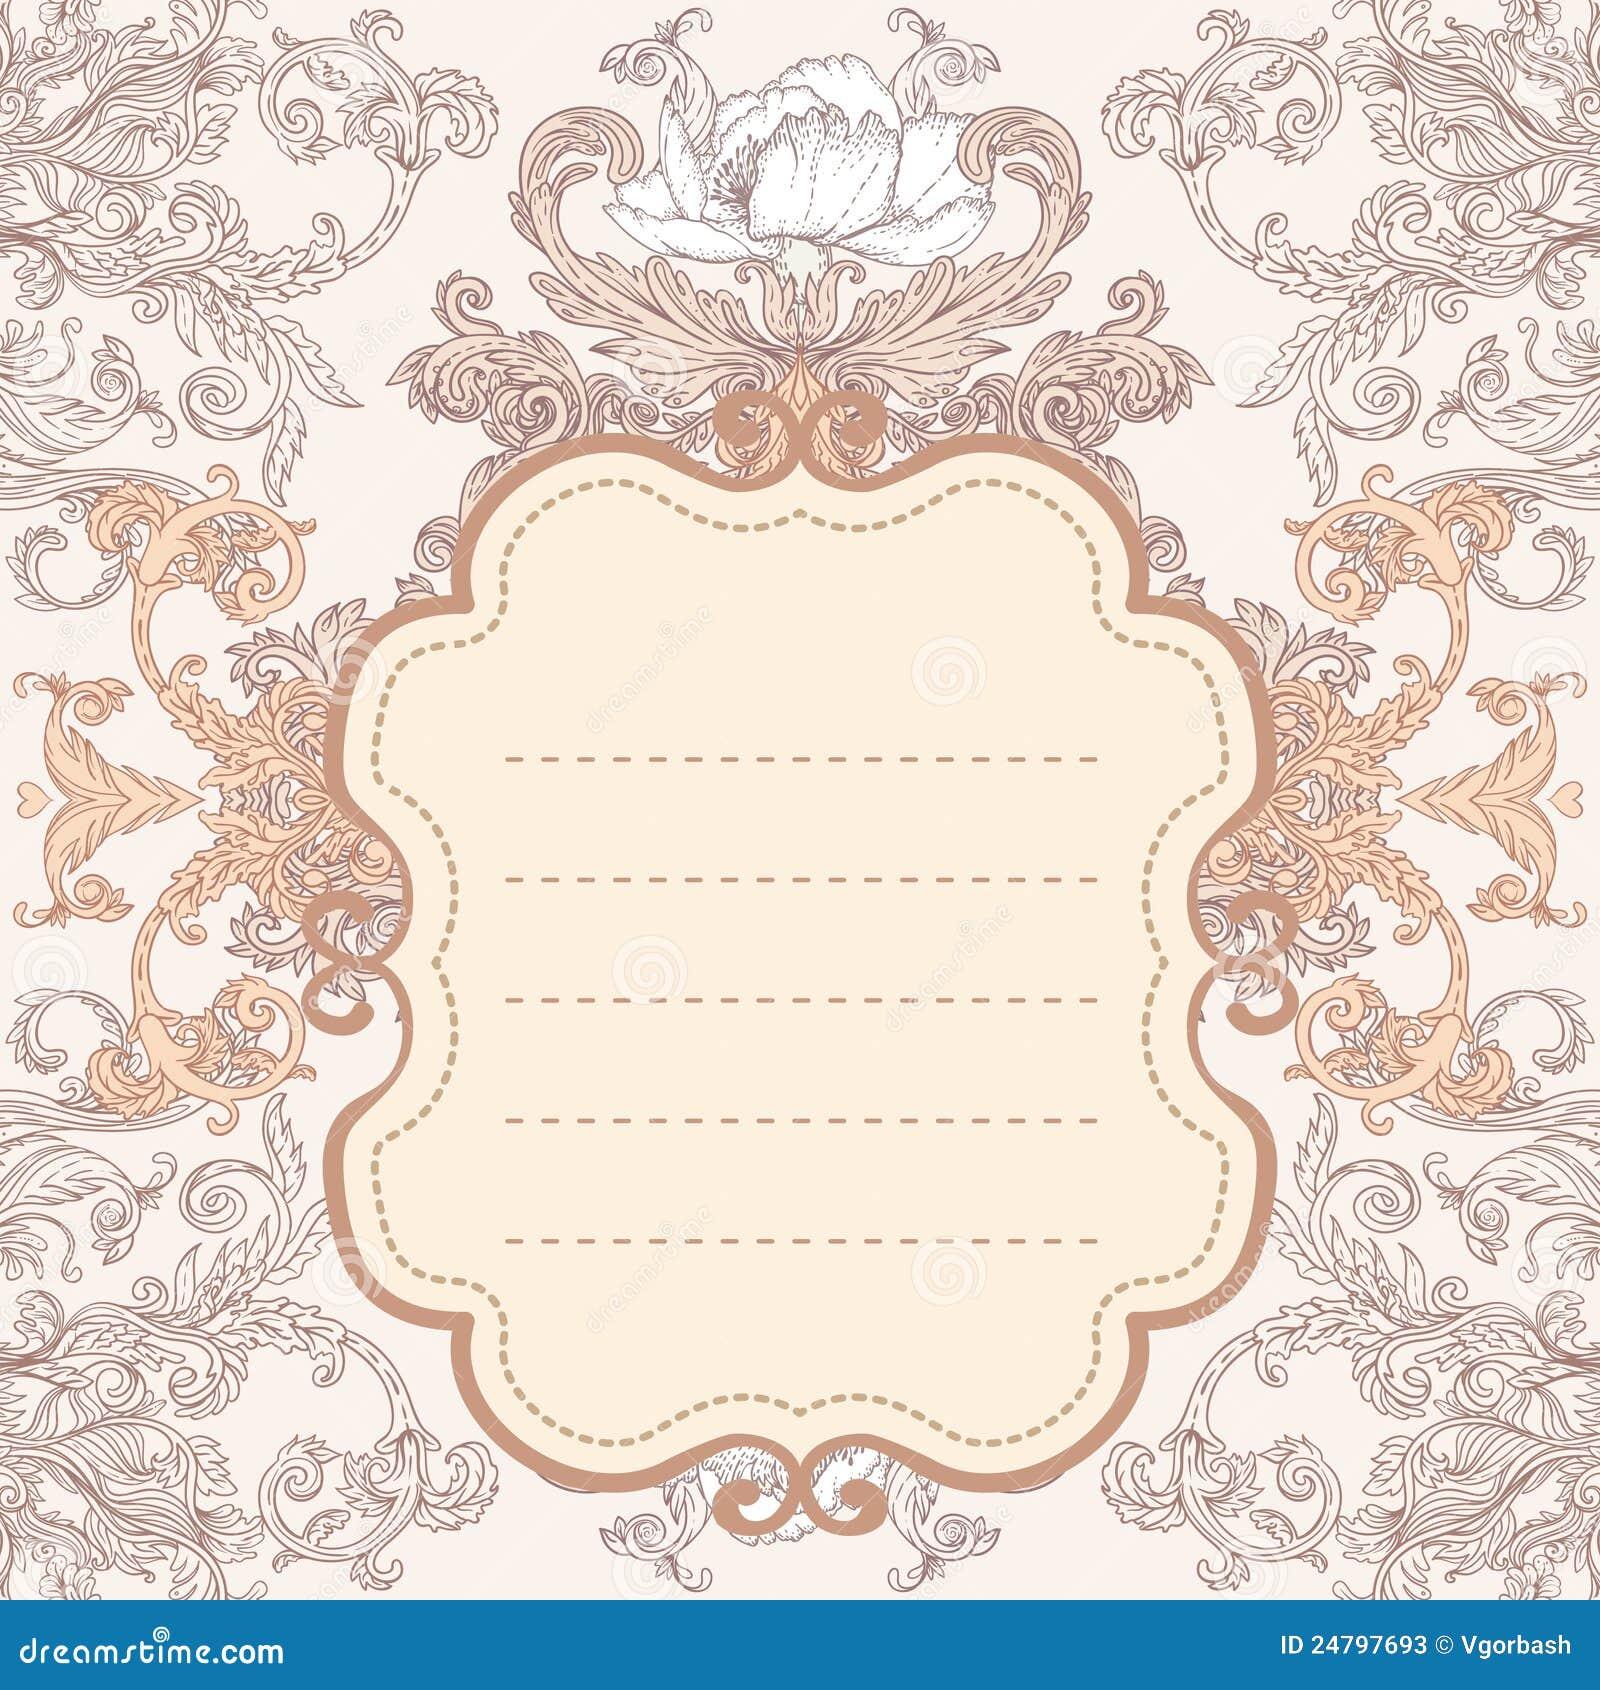 rose gold vintage wallpaper